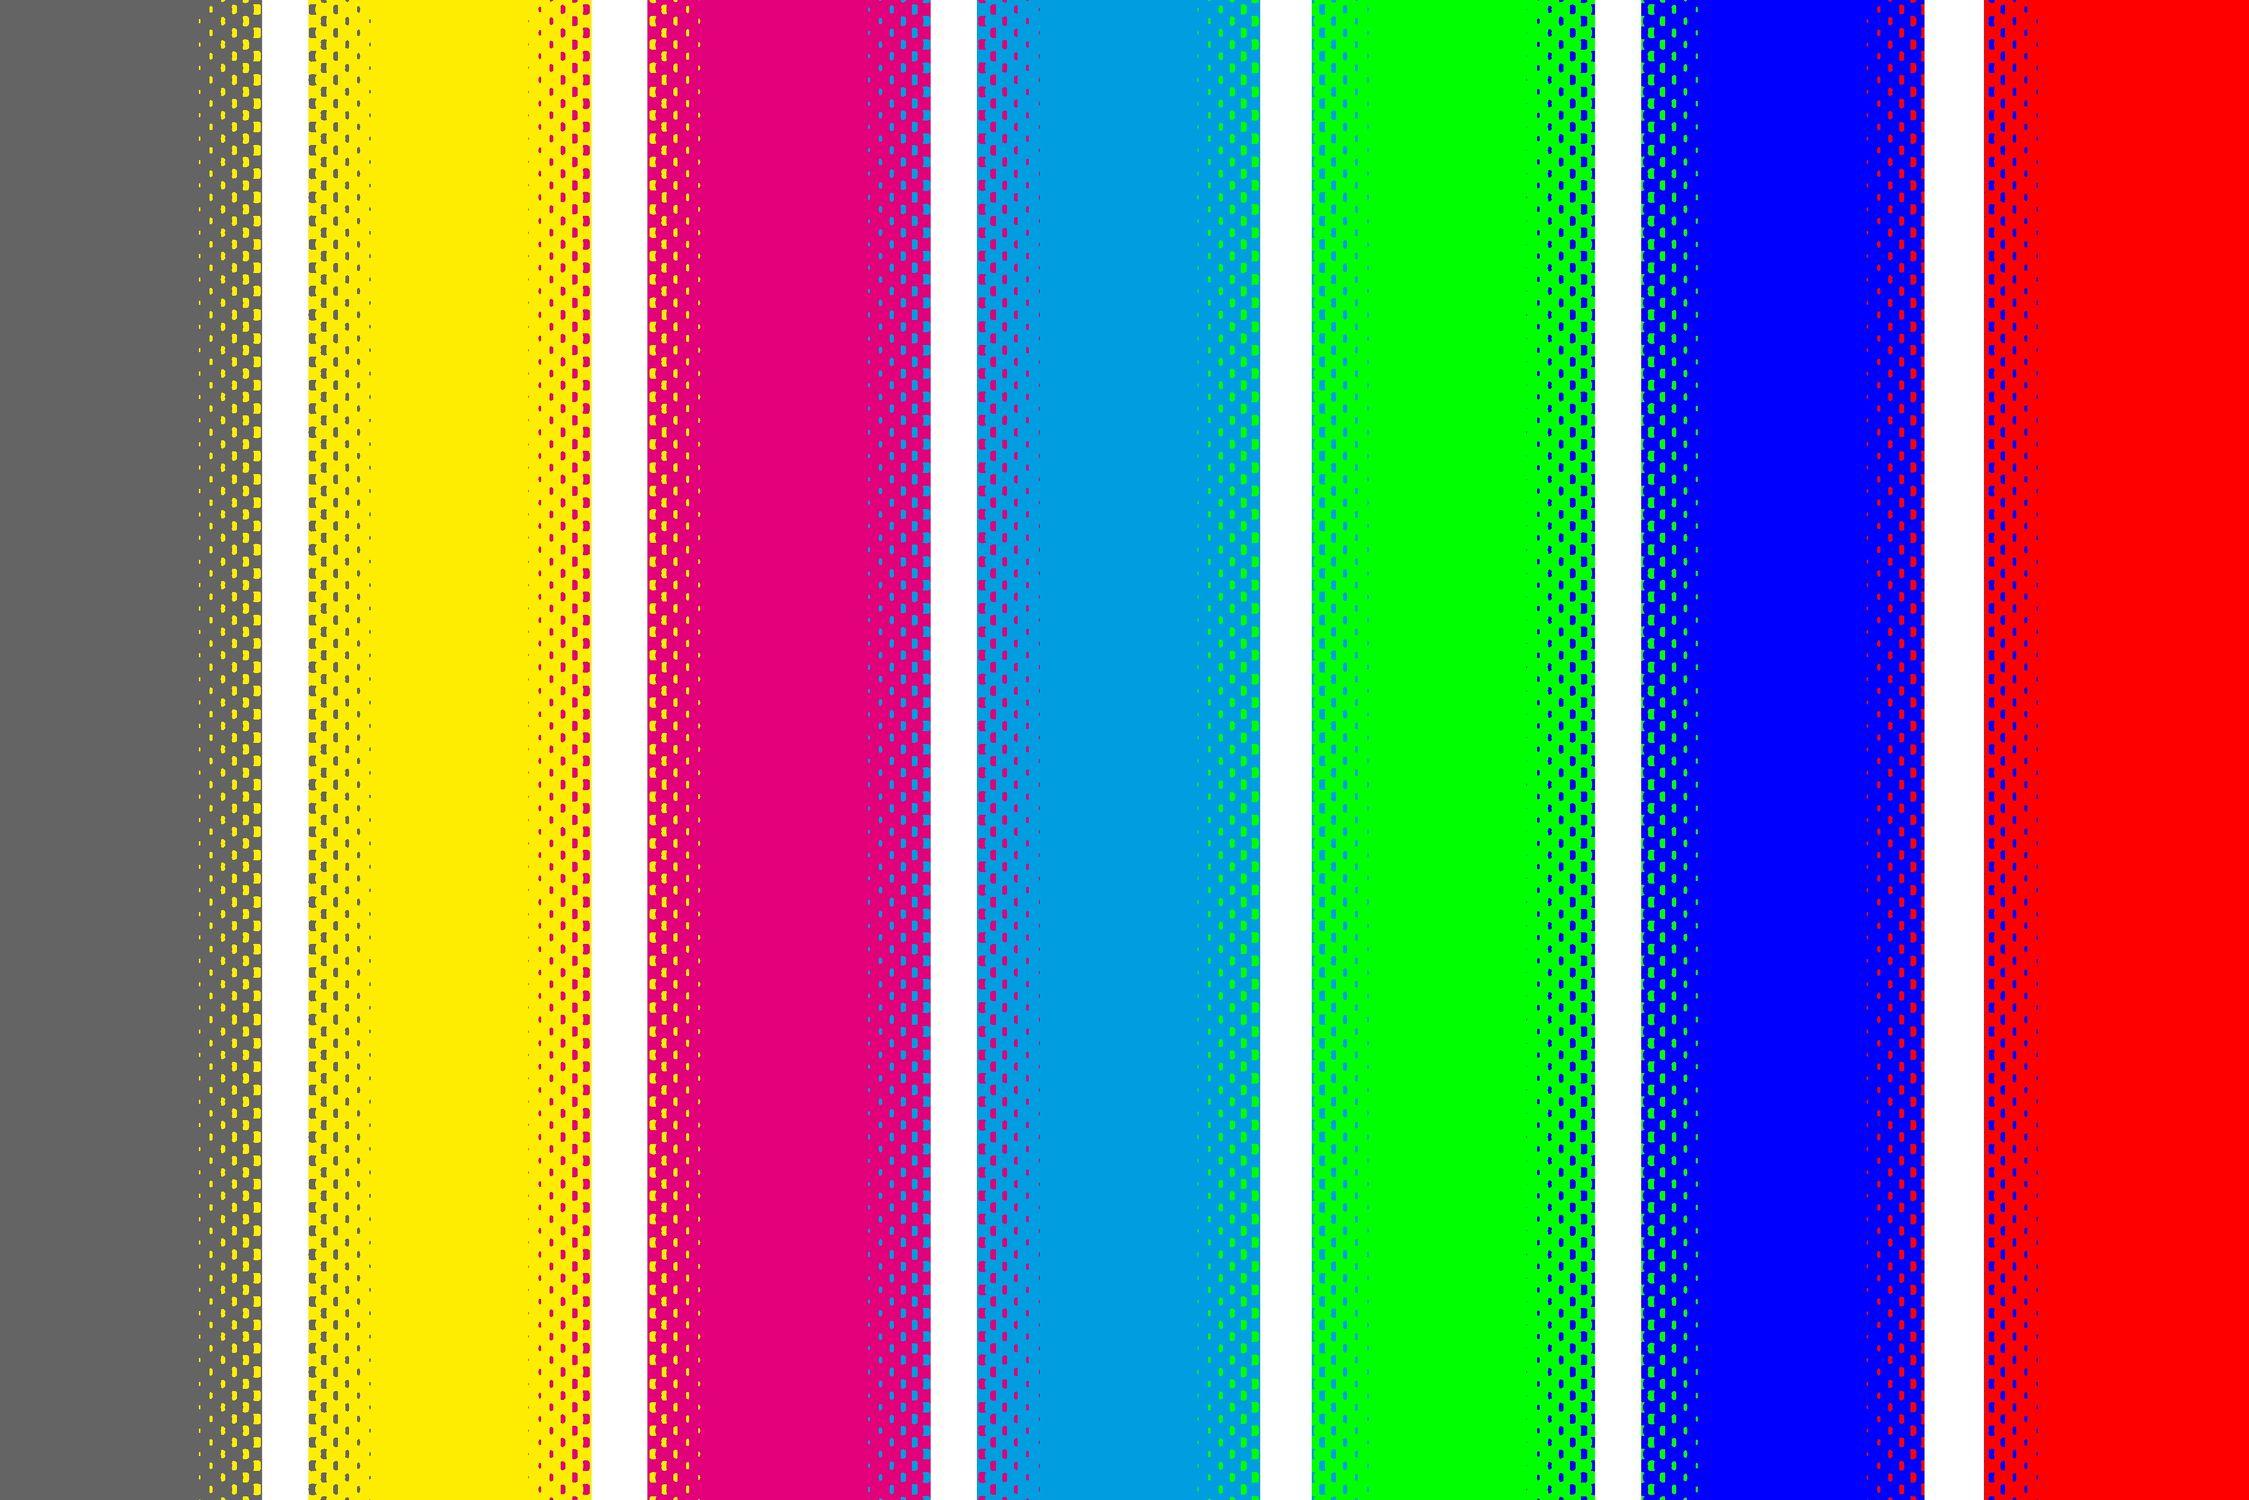 Bild mit Farben, Gelb, Illustration, Abstrakt, Abstrakte Kunst, Abstrakte Malerei, Streifen, Bunt